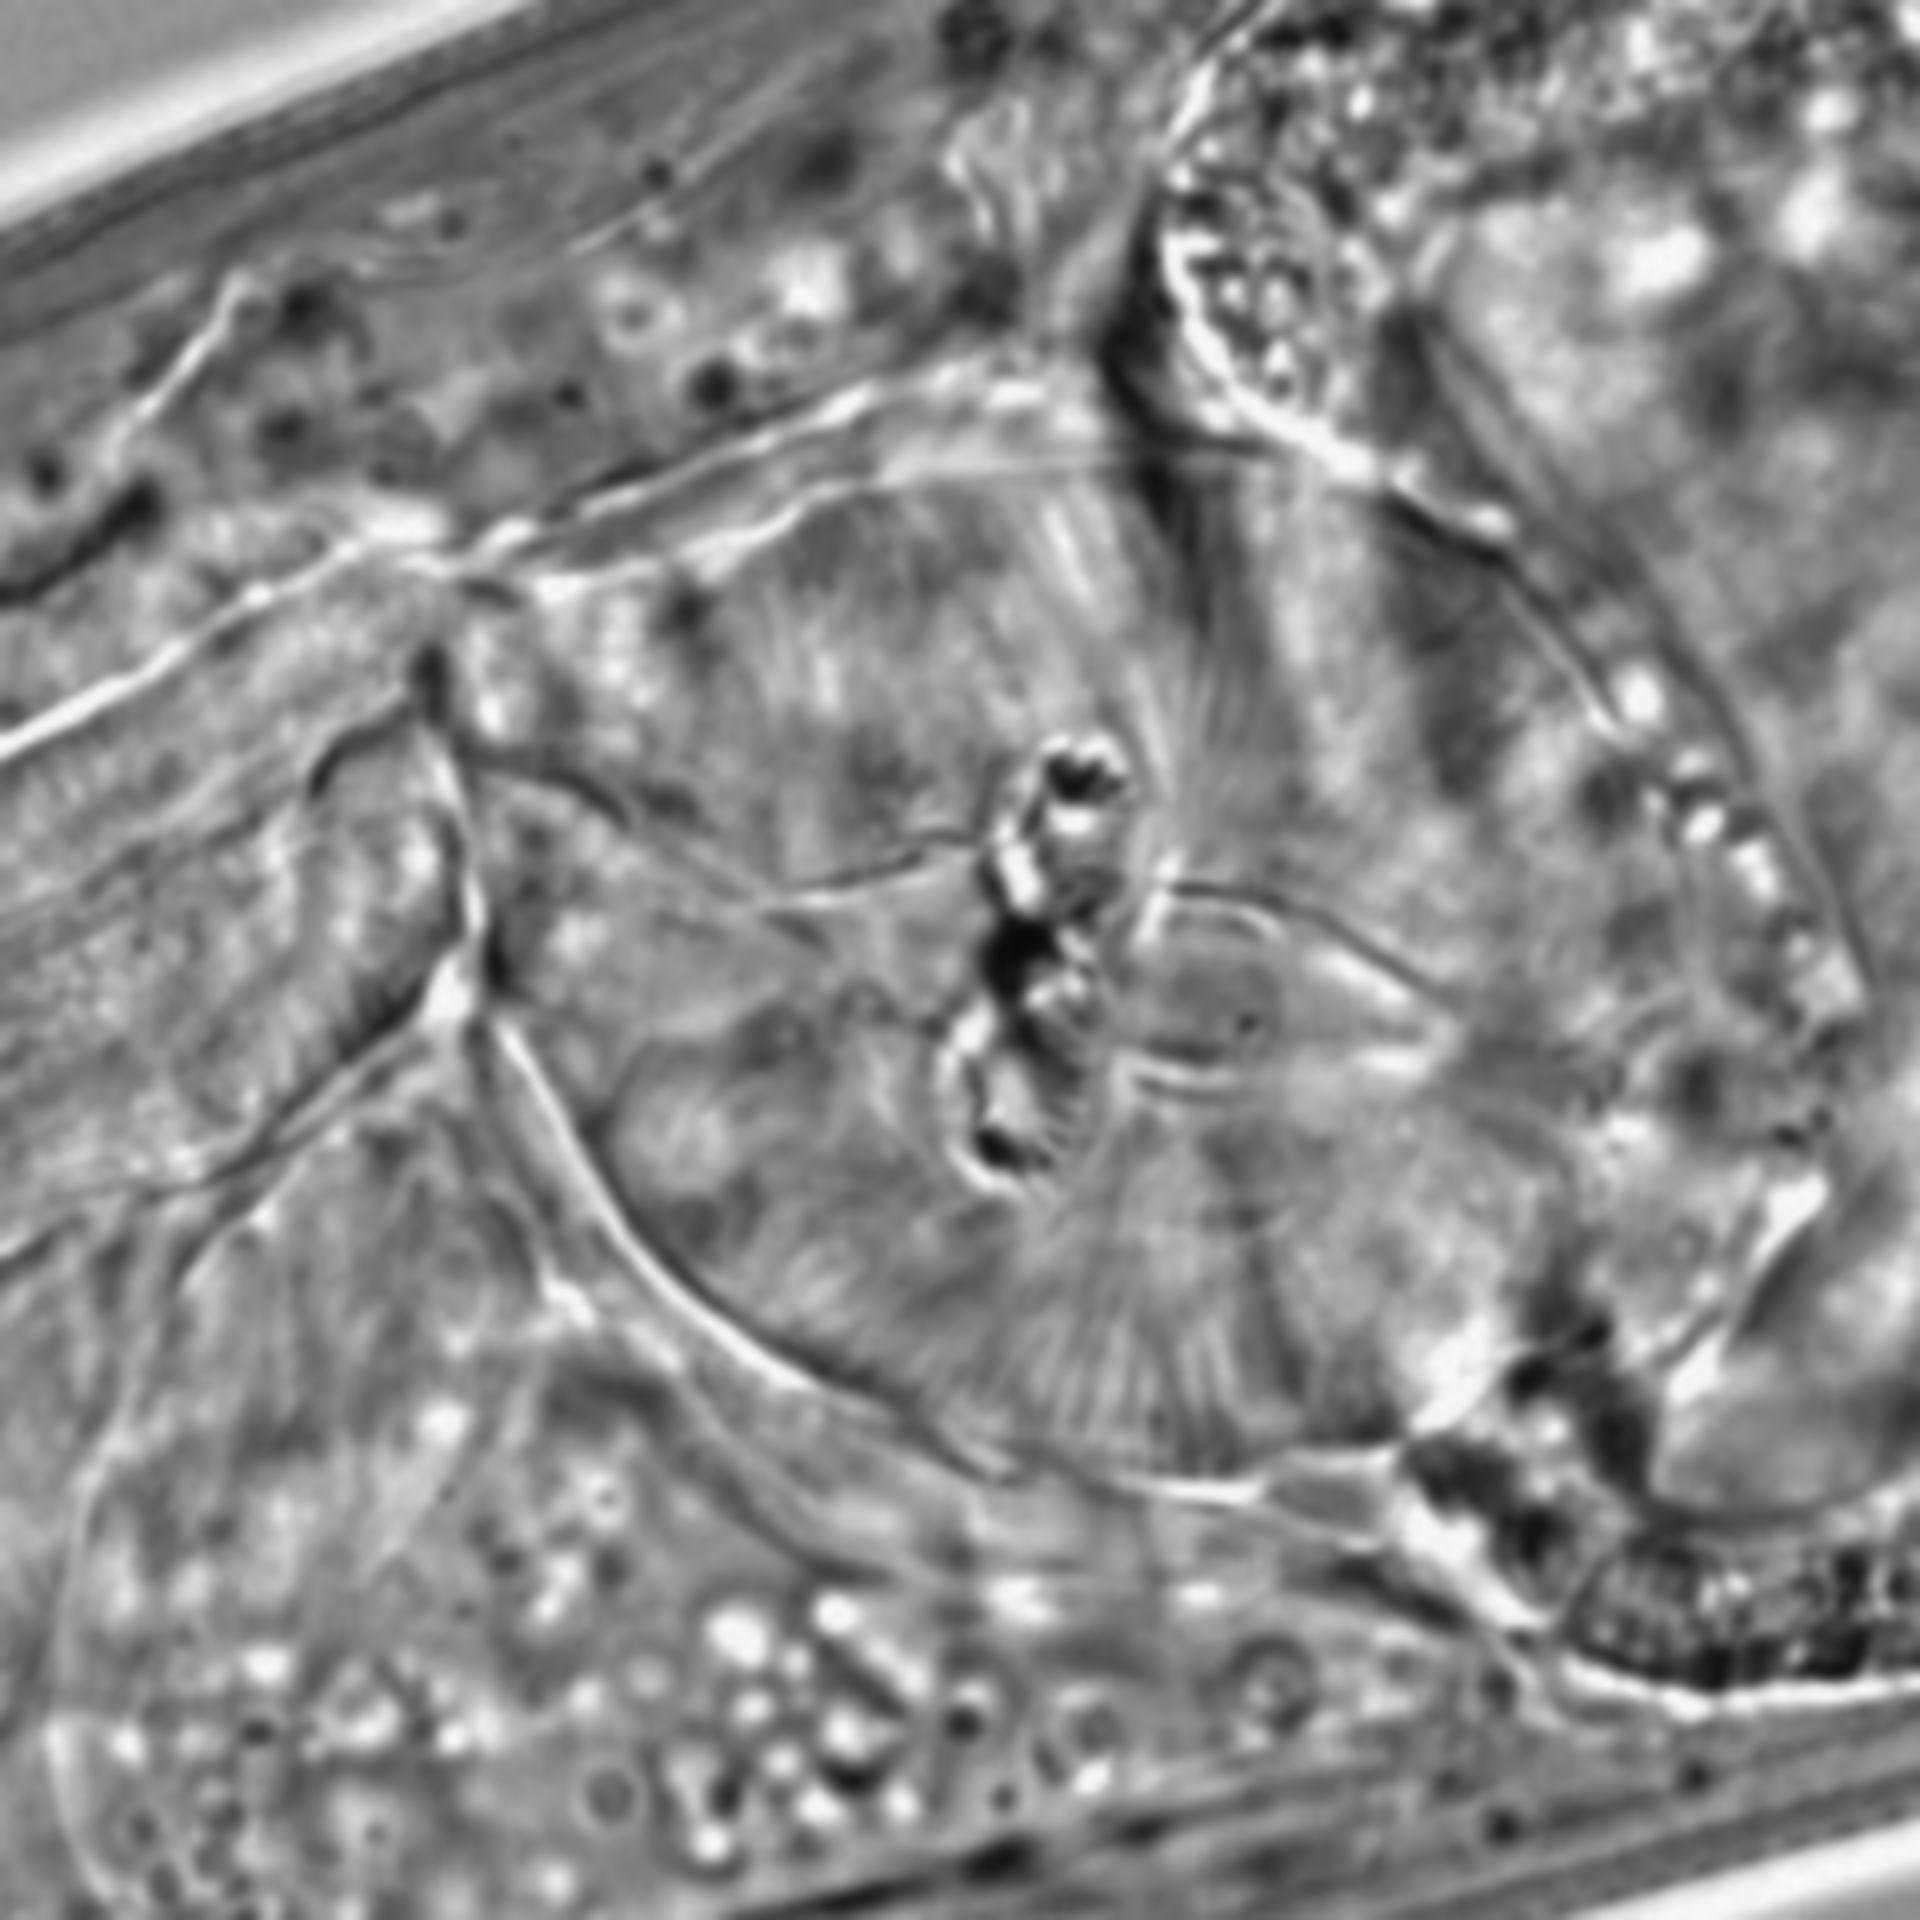 Caenorhabditis elegans - CIL:1628